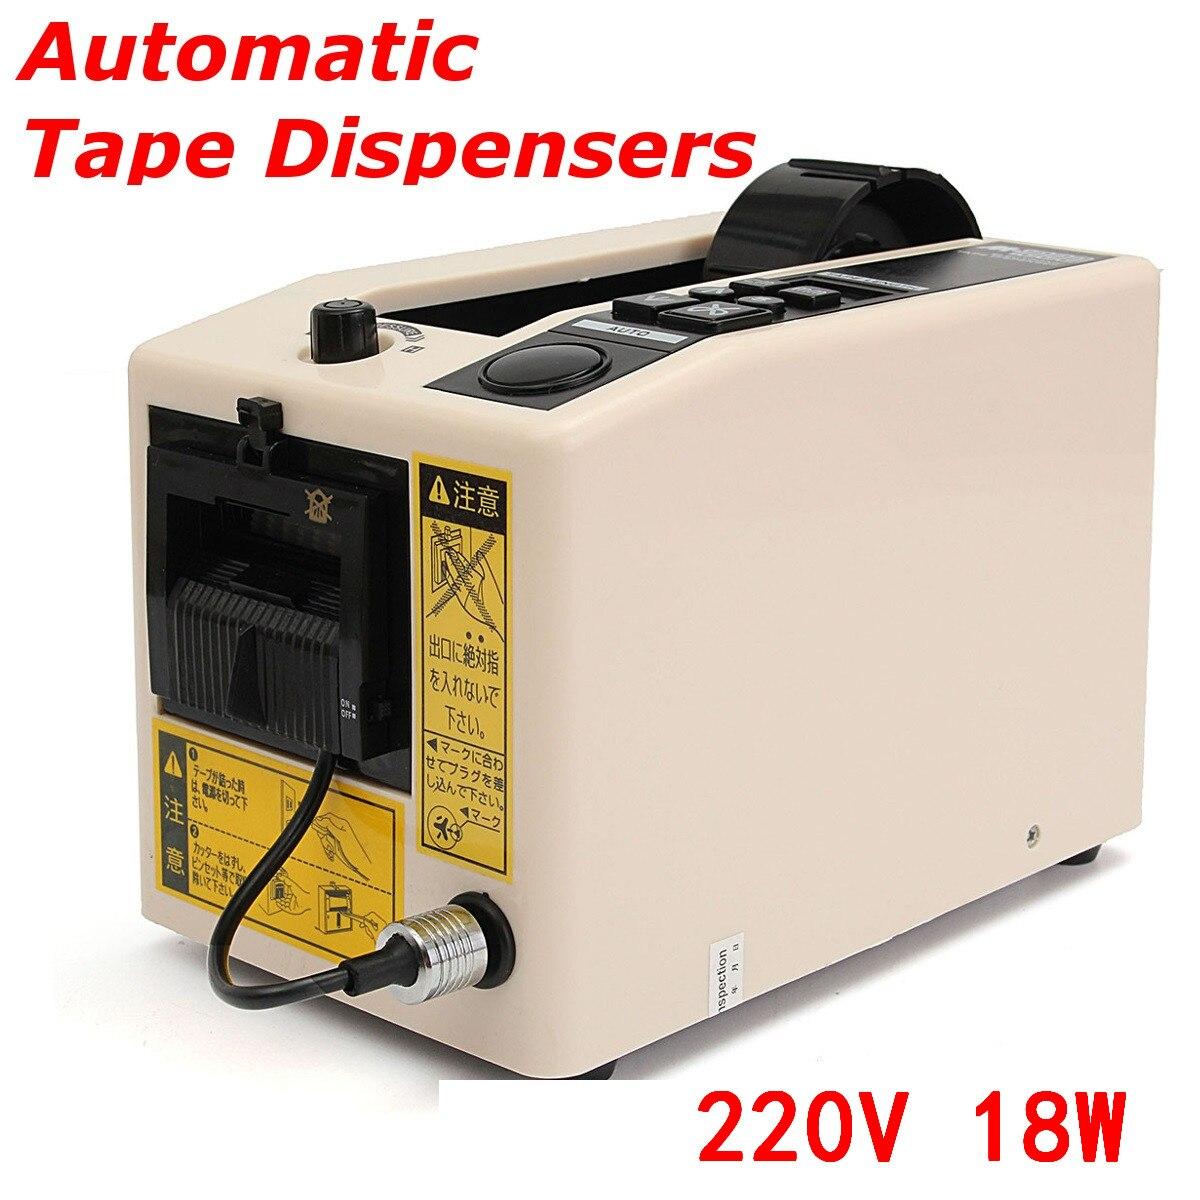 220 V 18 W Distributori di Nastro Elettrico Nastro Adesivo Cutter Macchina Per L'imballaggio Automatico di Taglio del Nastro Strumento di Apparecchiature Per Ufficio